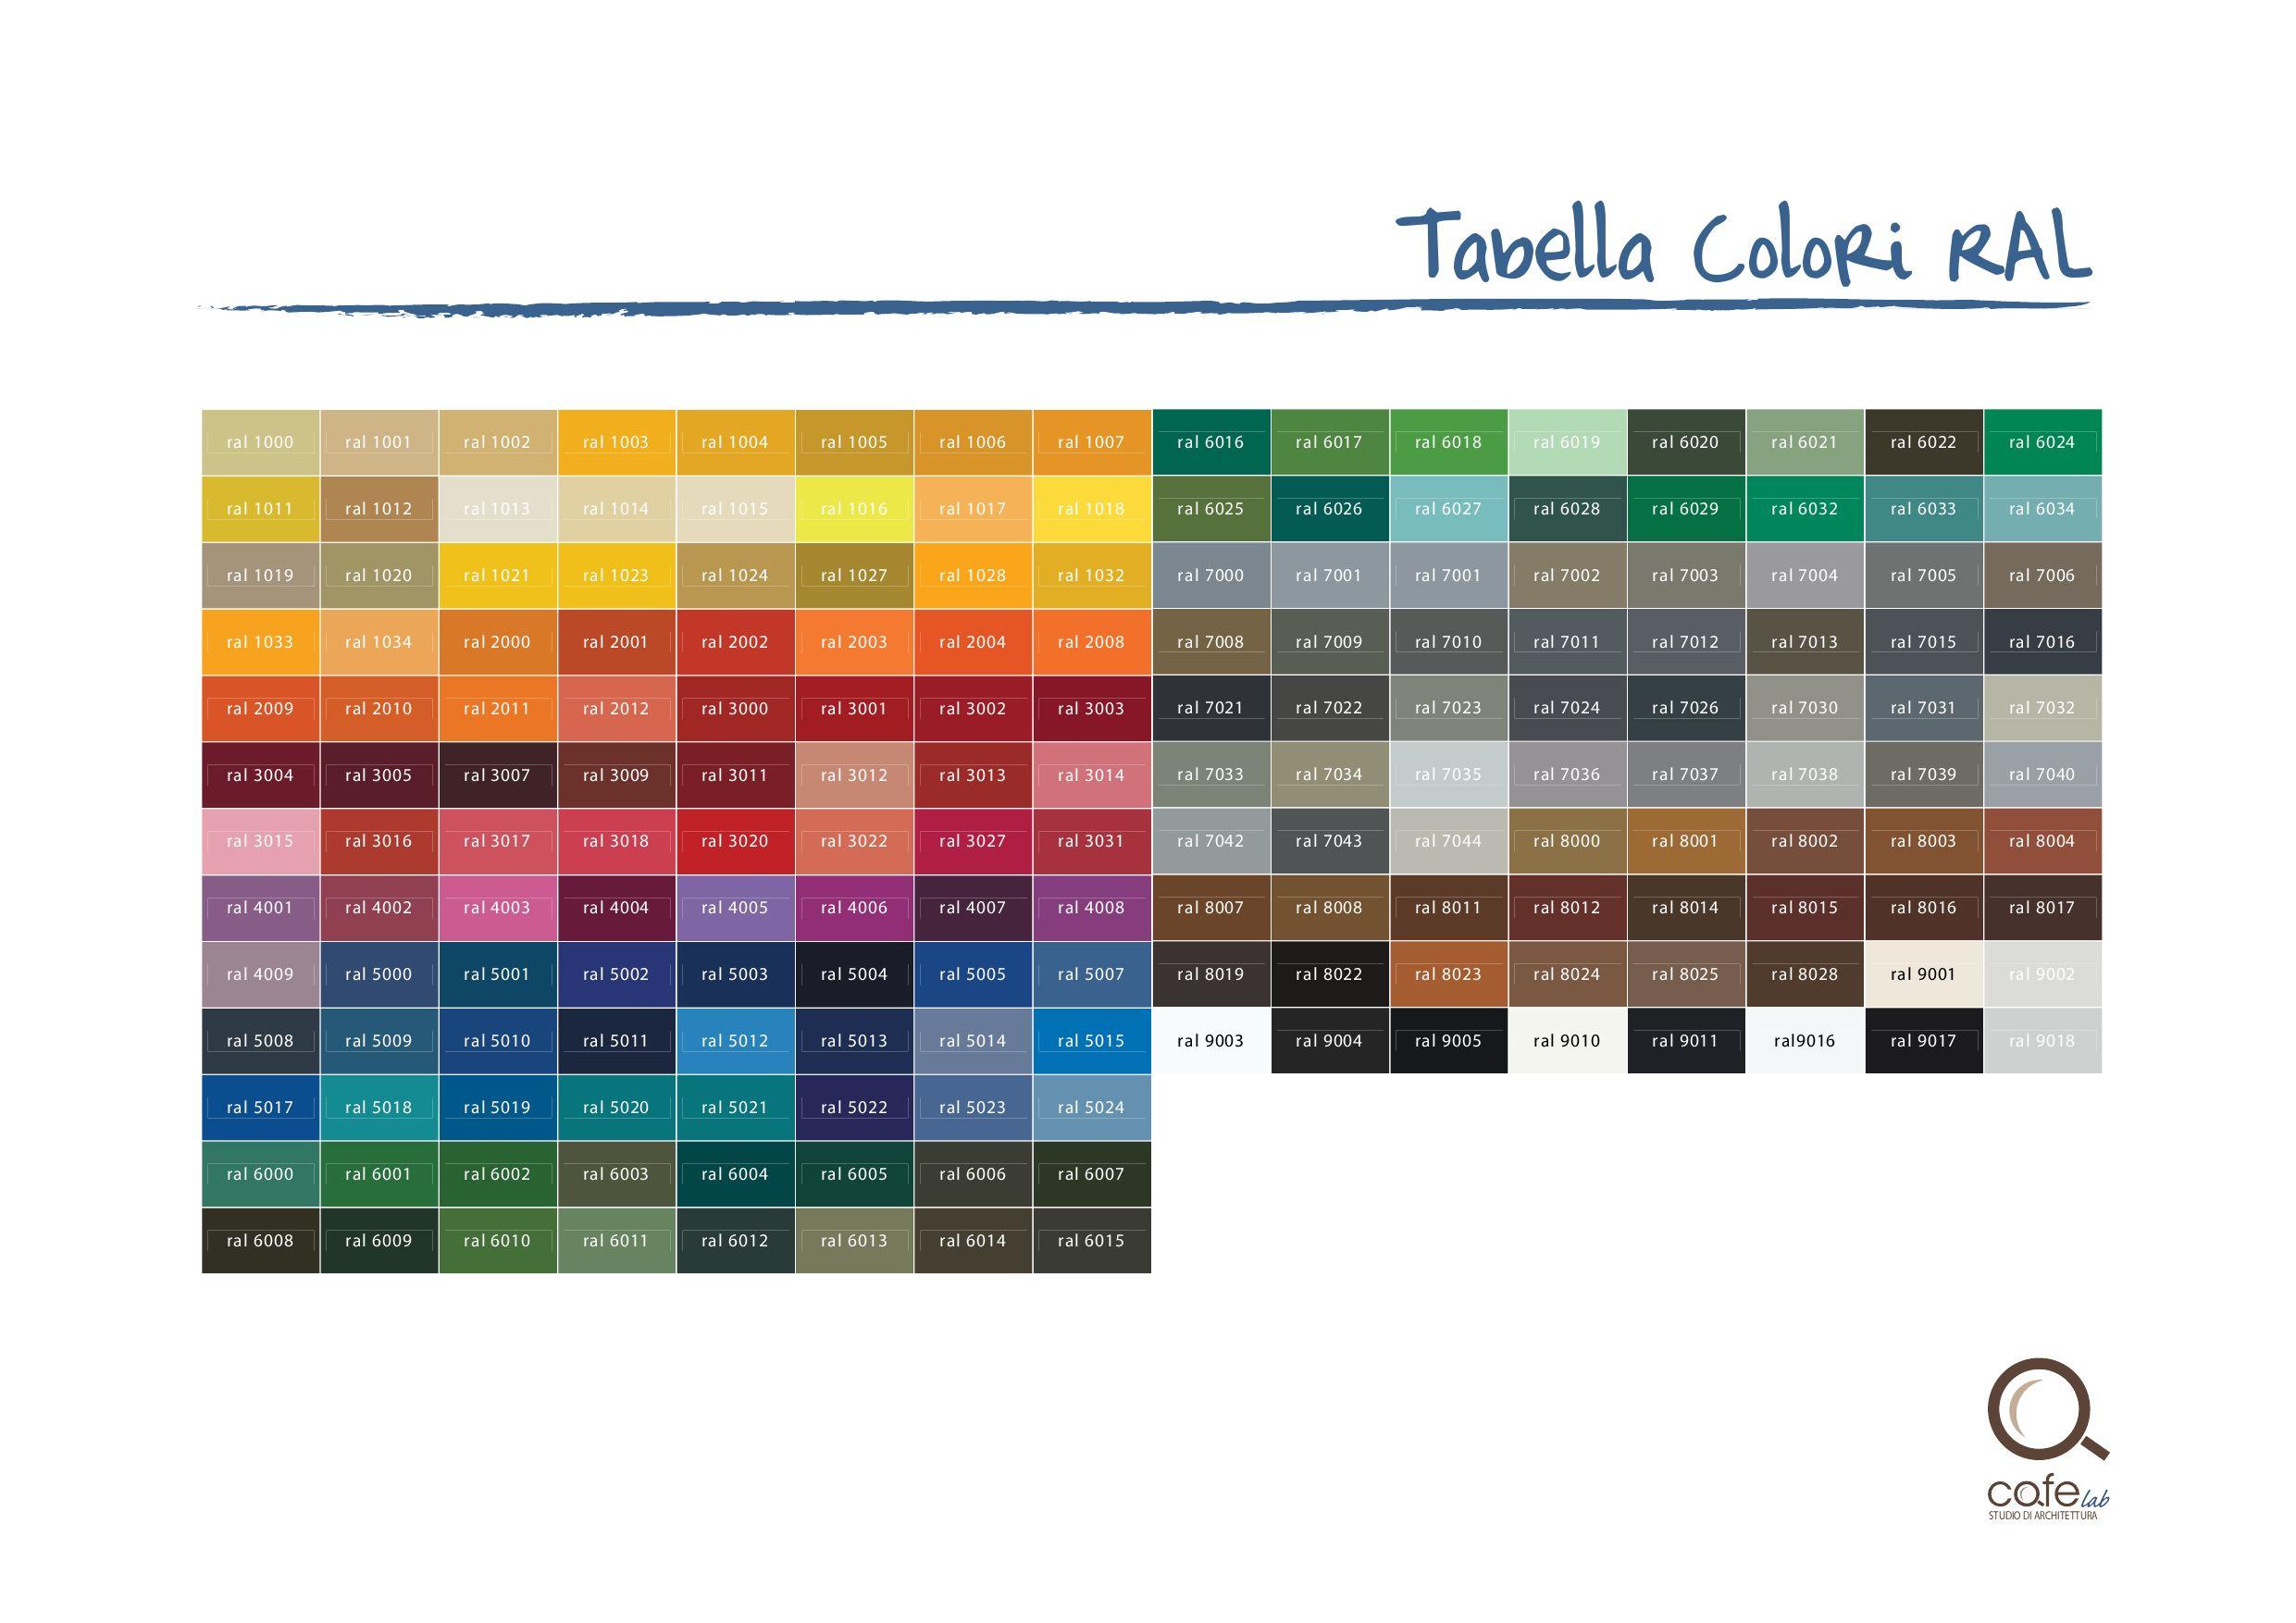 Tabella Ral By Cafelab Architettura Issuu